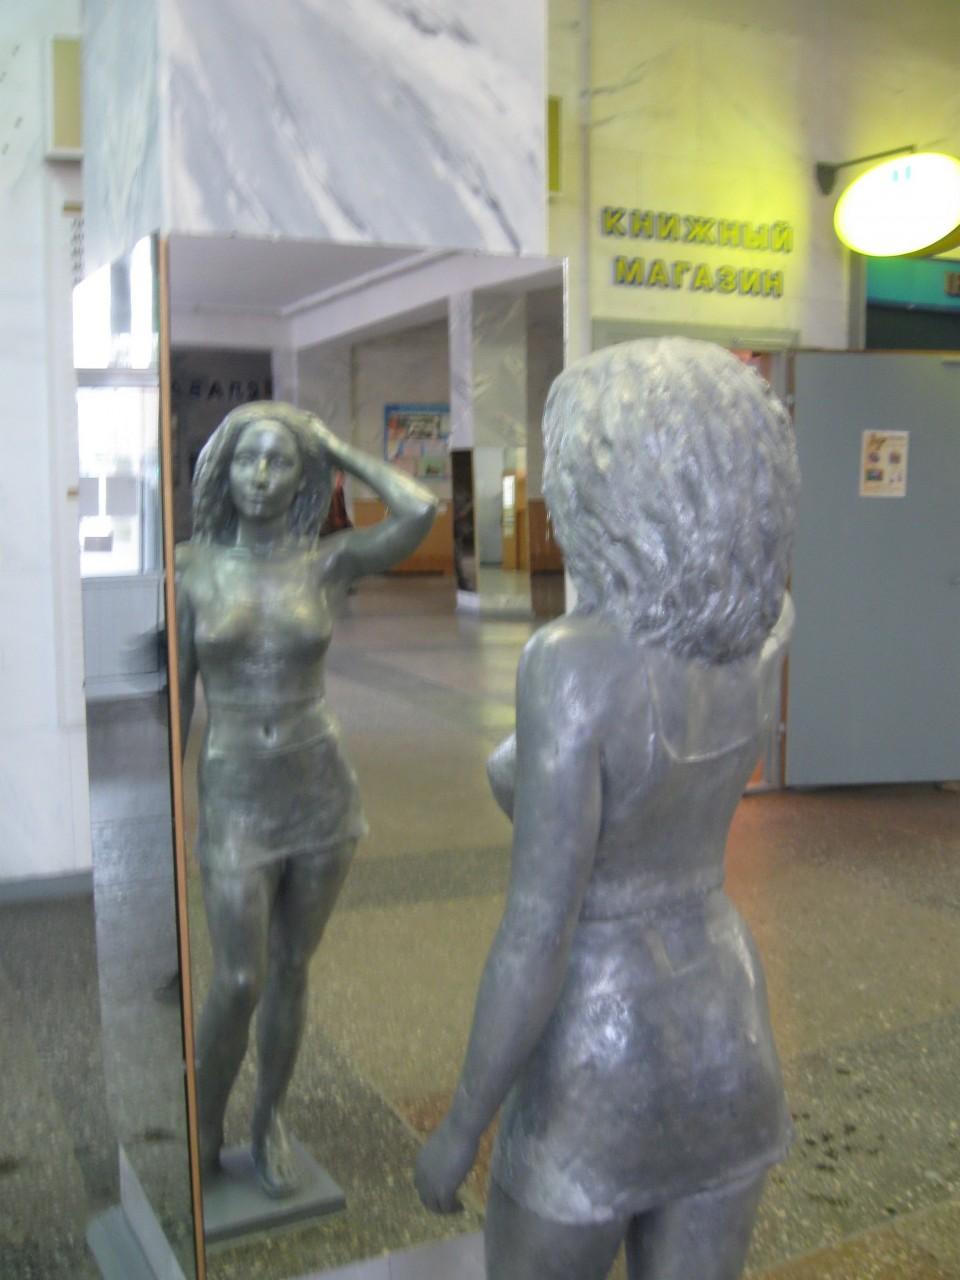 Иужчина и женщина: есть ли шанс на понимание?